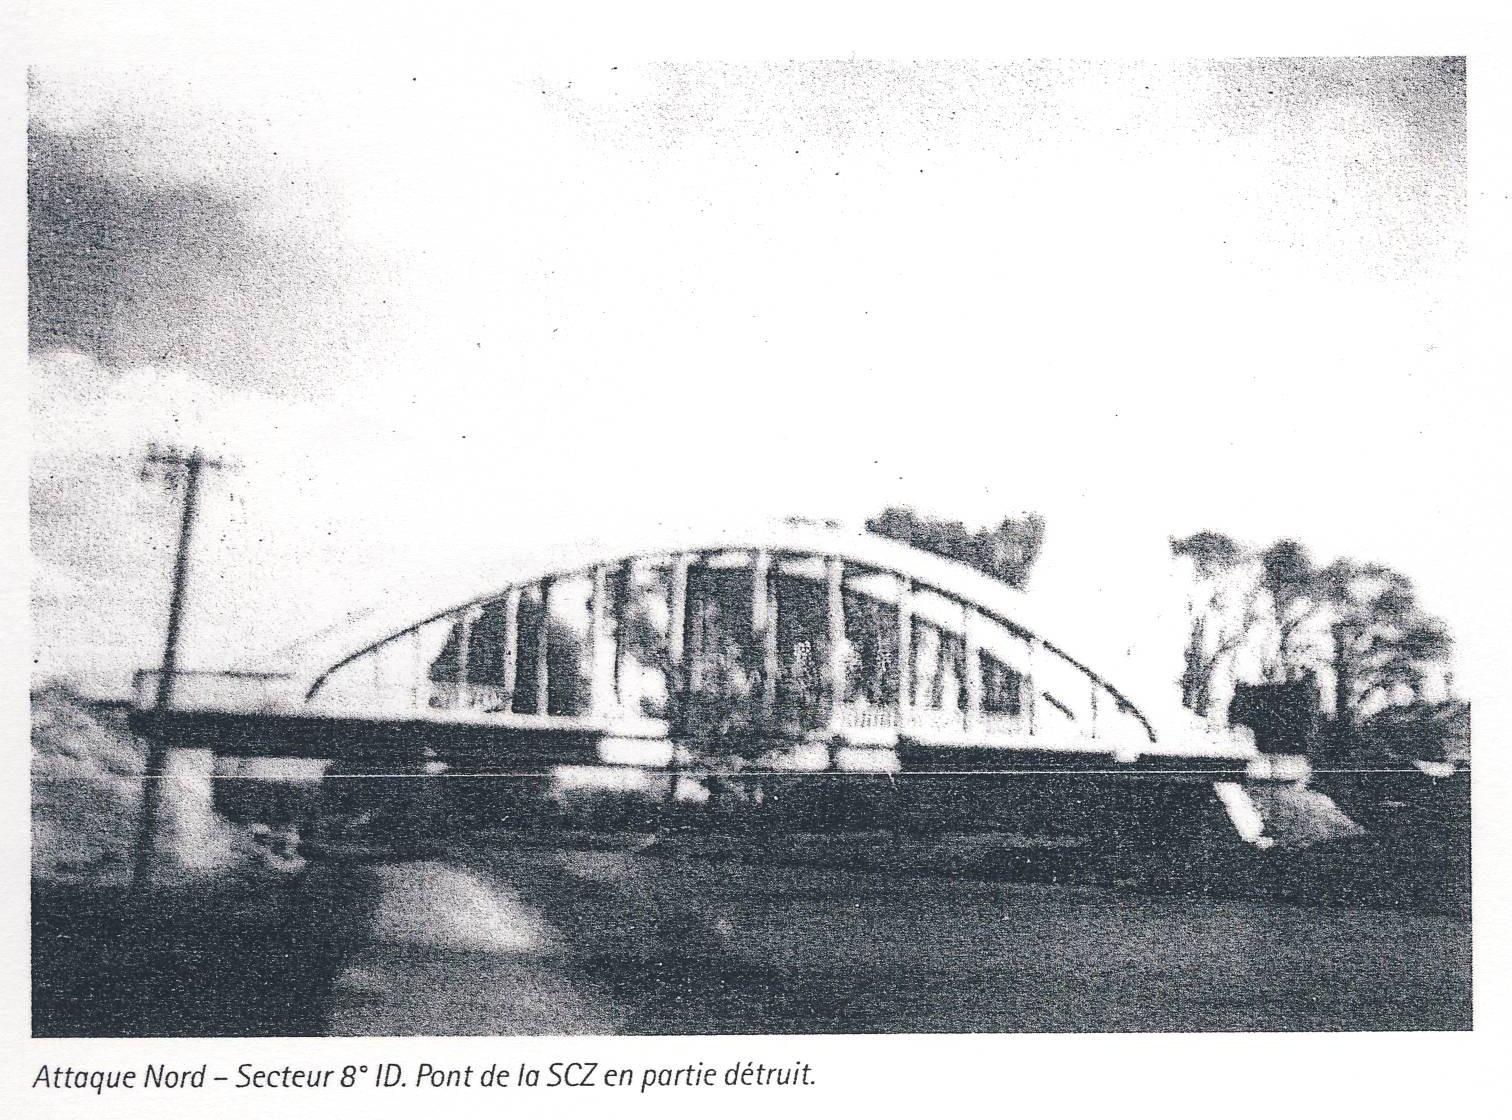 Pont de la SNCZ dit de La Cimenterie